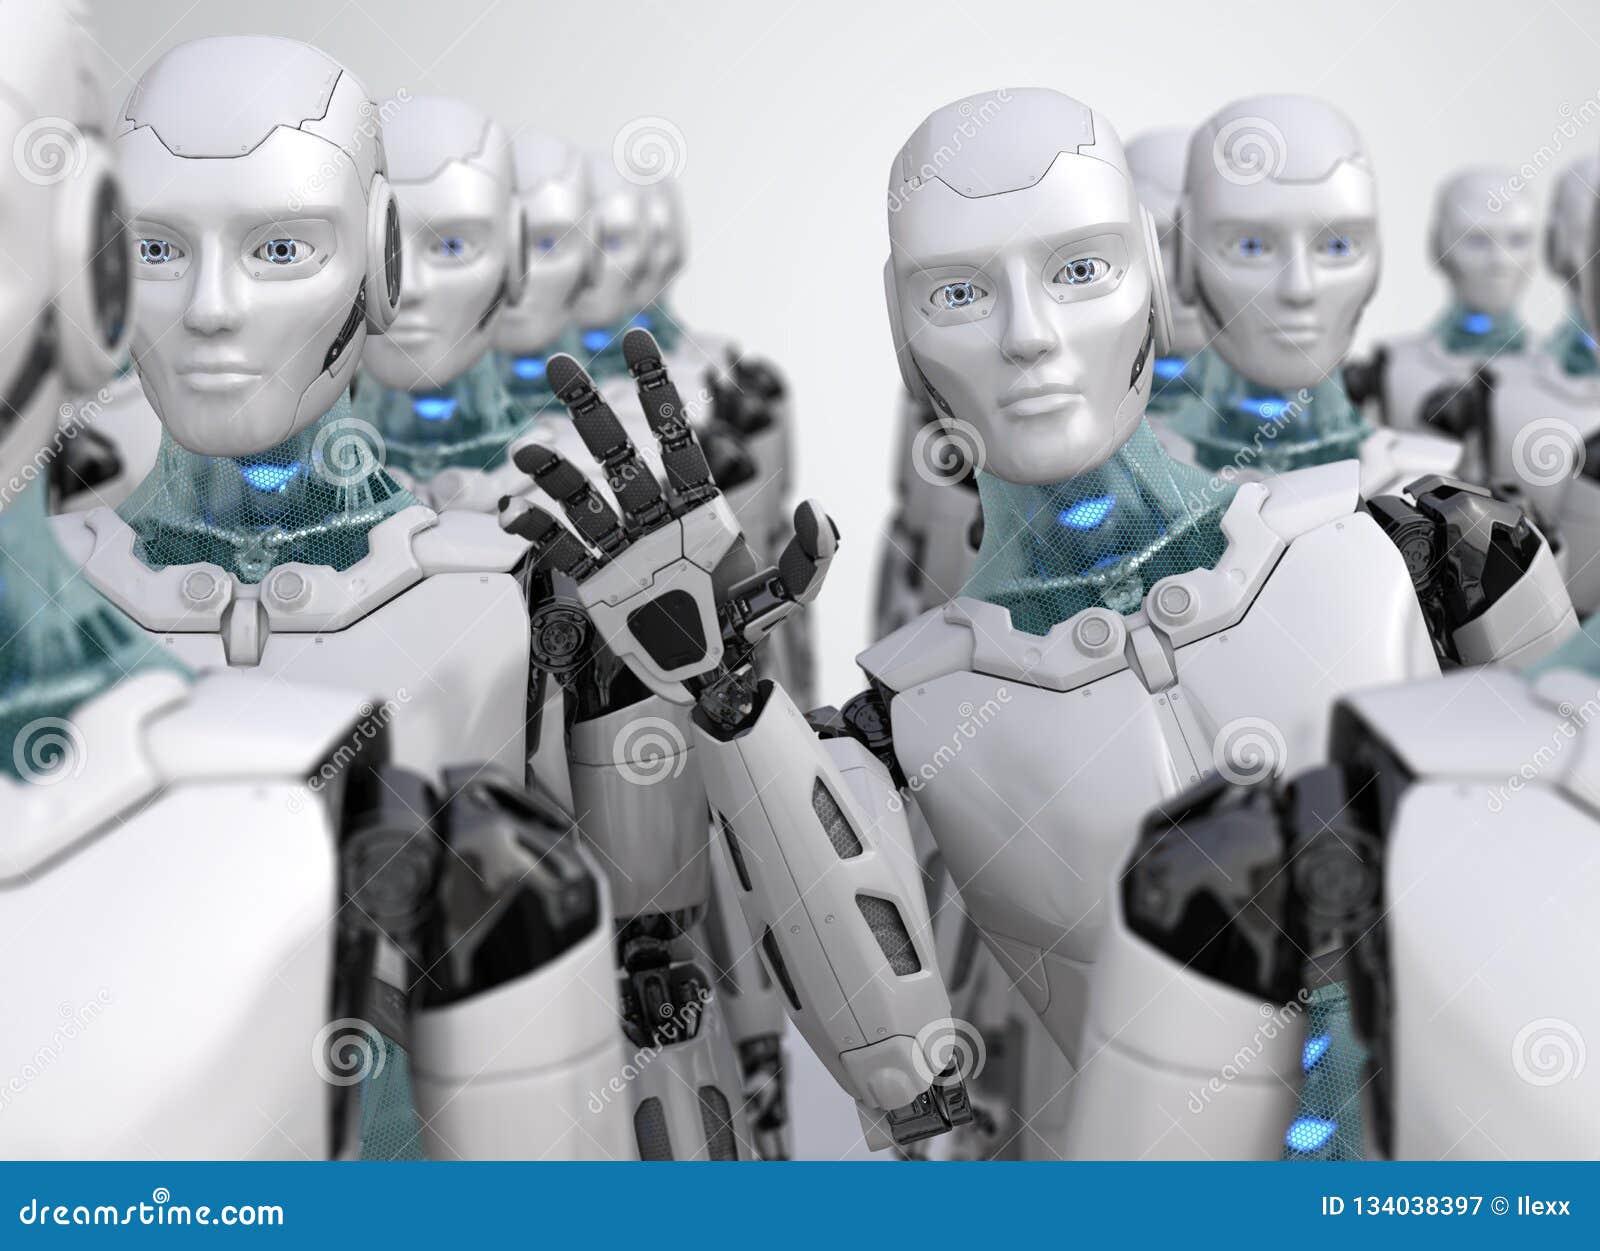 Robot que mira furtivamente hacia fuera de la muchedumbre